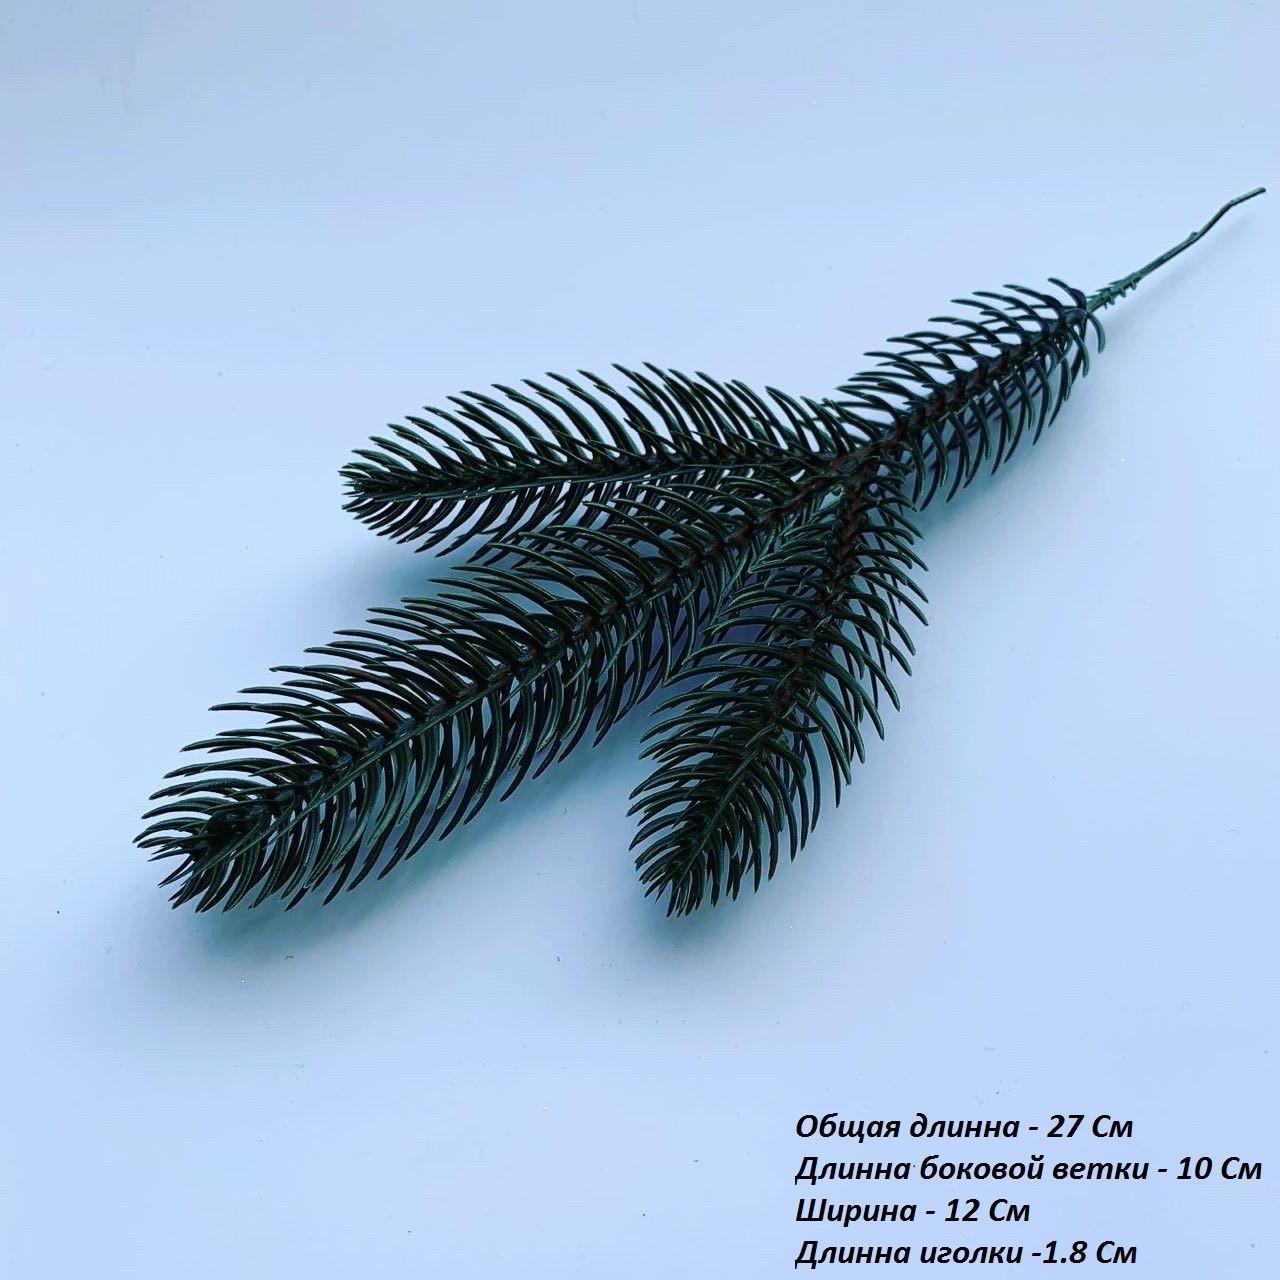 Веточка ели зелёная. Еловая ветка для новогоднего декора ( 27 см )